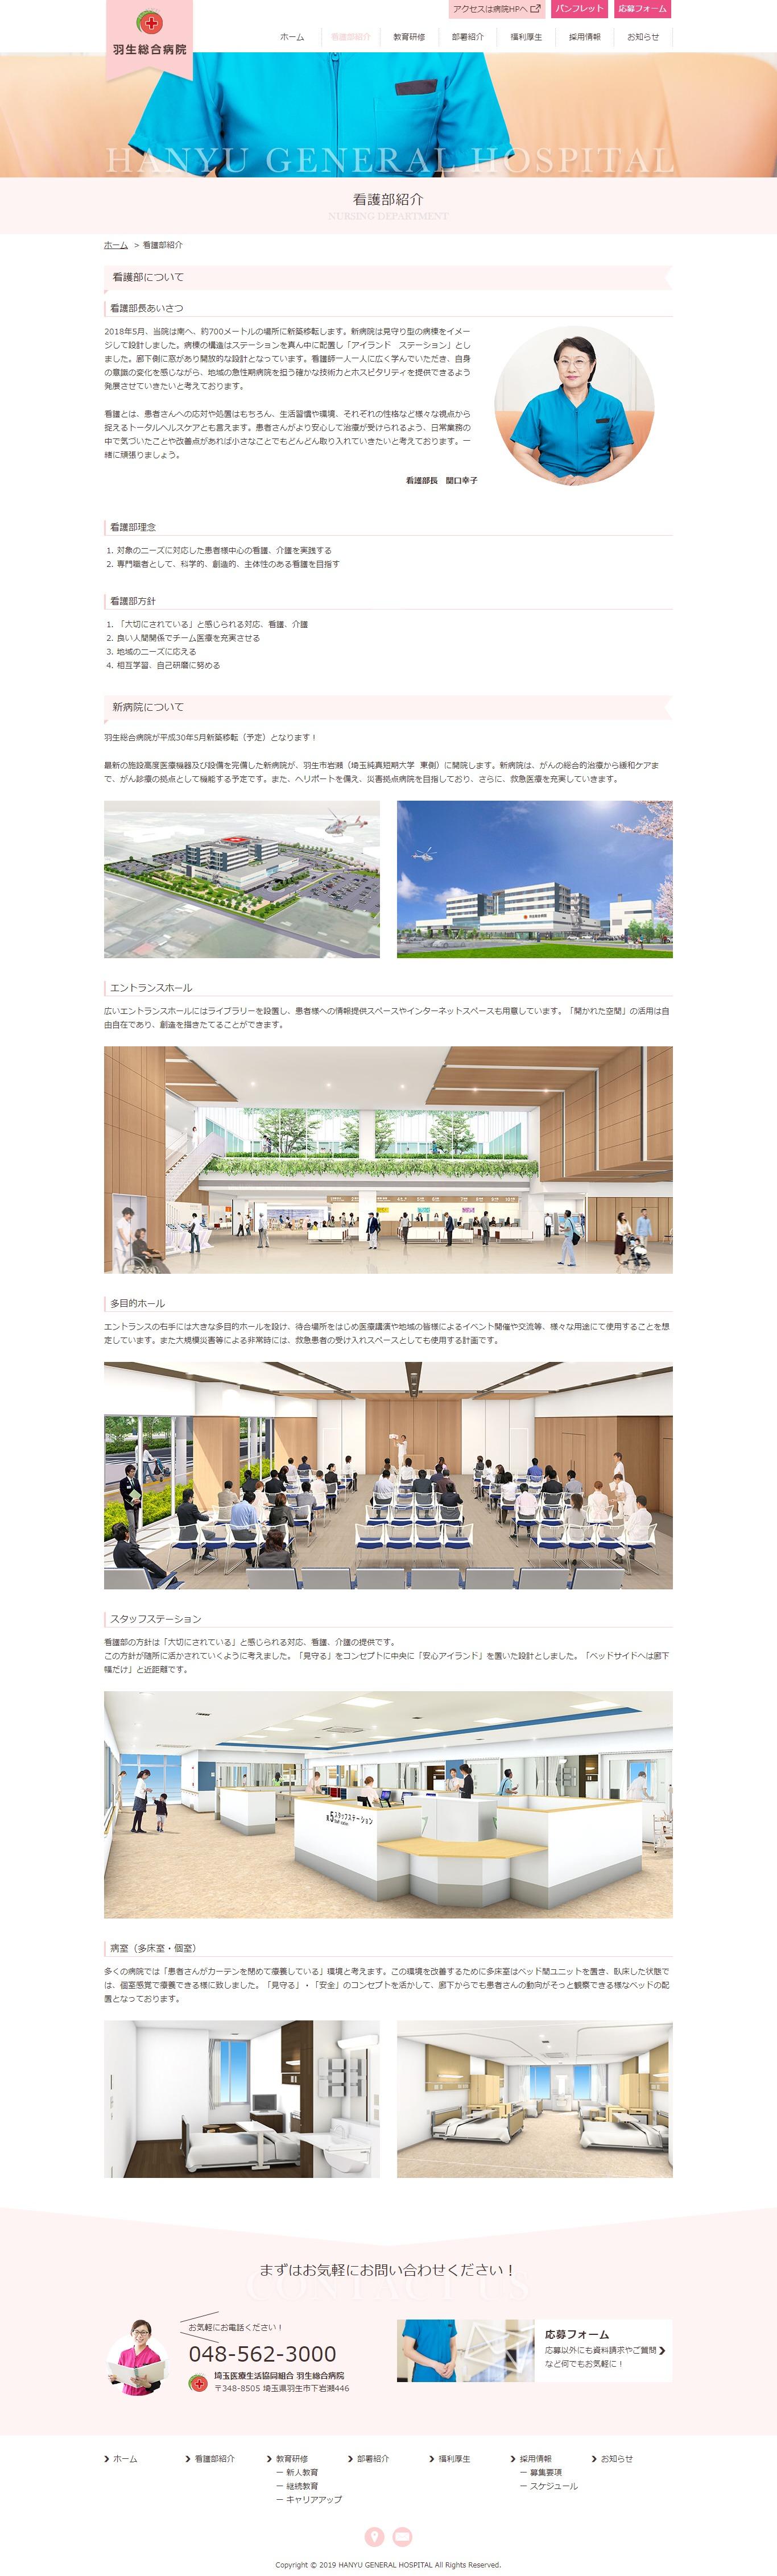 2000年4月作成「埼玉医療生活協同組合 羽生総合病院」看護部サイト_サブ画像